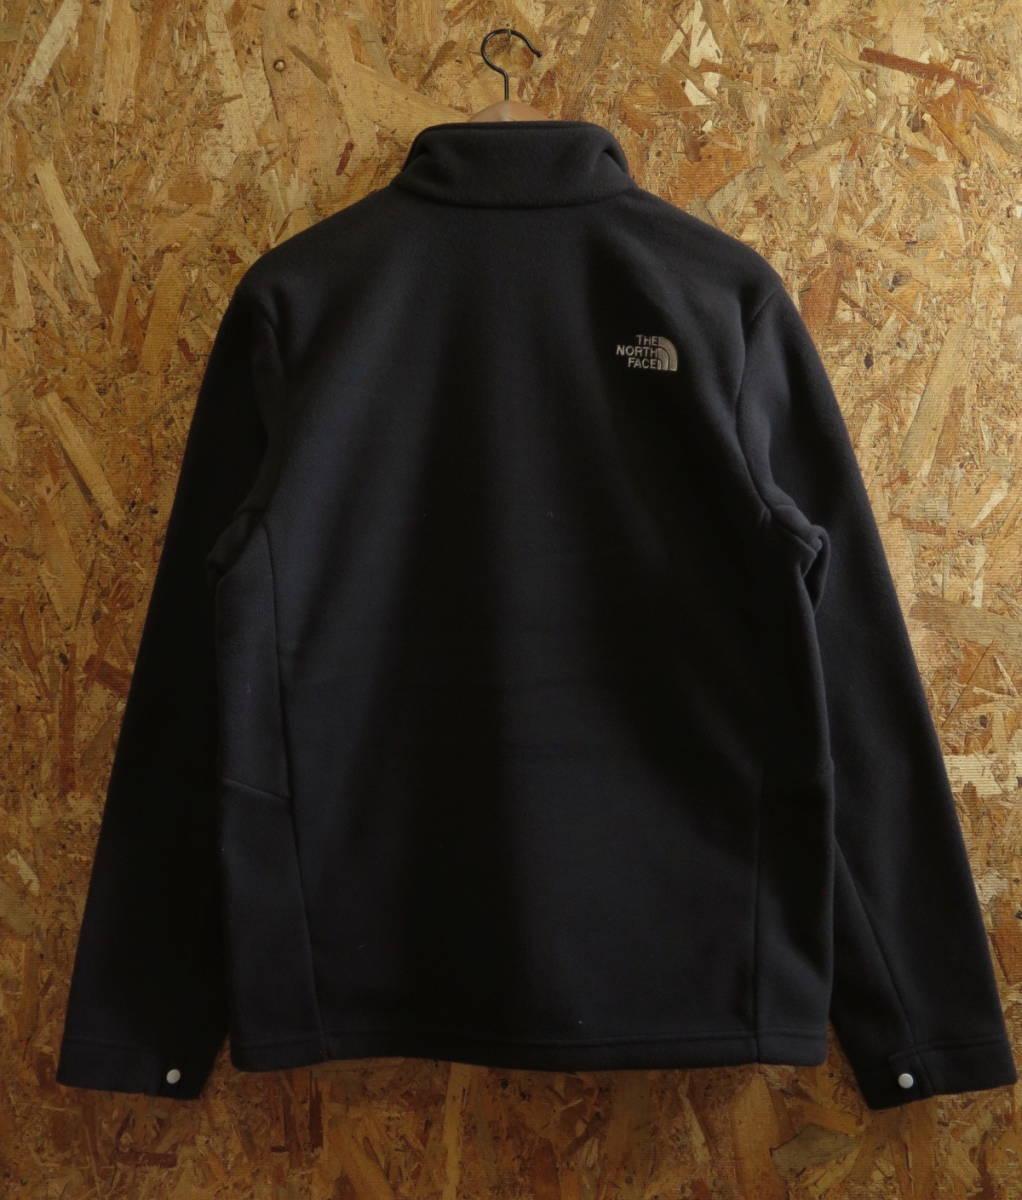 新品☆本物 USAモデル THE NORTH FACE 300 TUNDRA FLEECE JACKET Sサイズ ノースフェイス フリースジャケット BLACK アメリカ購入_画像10